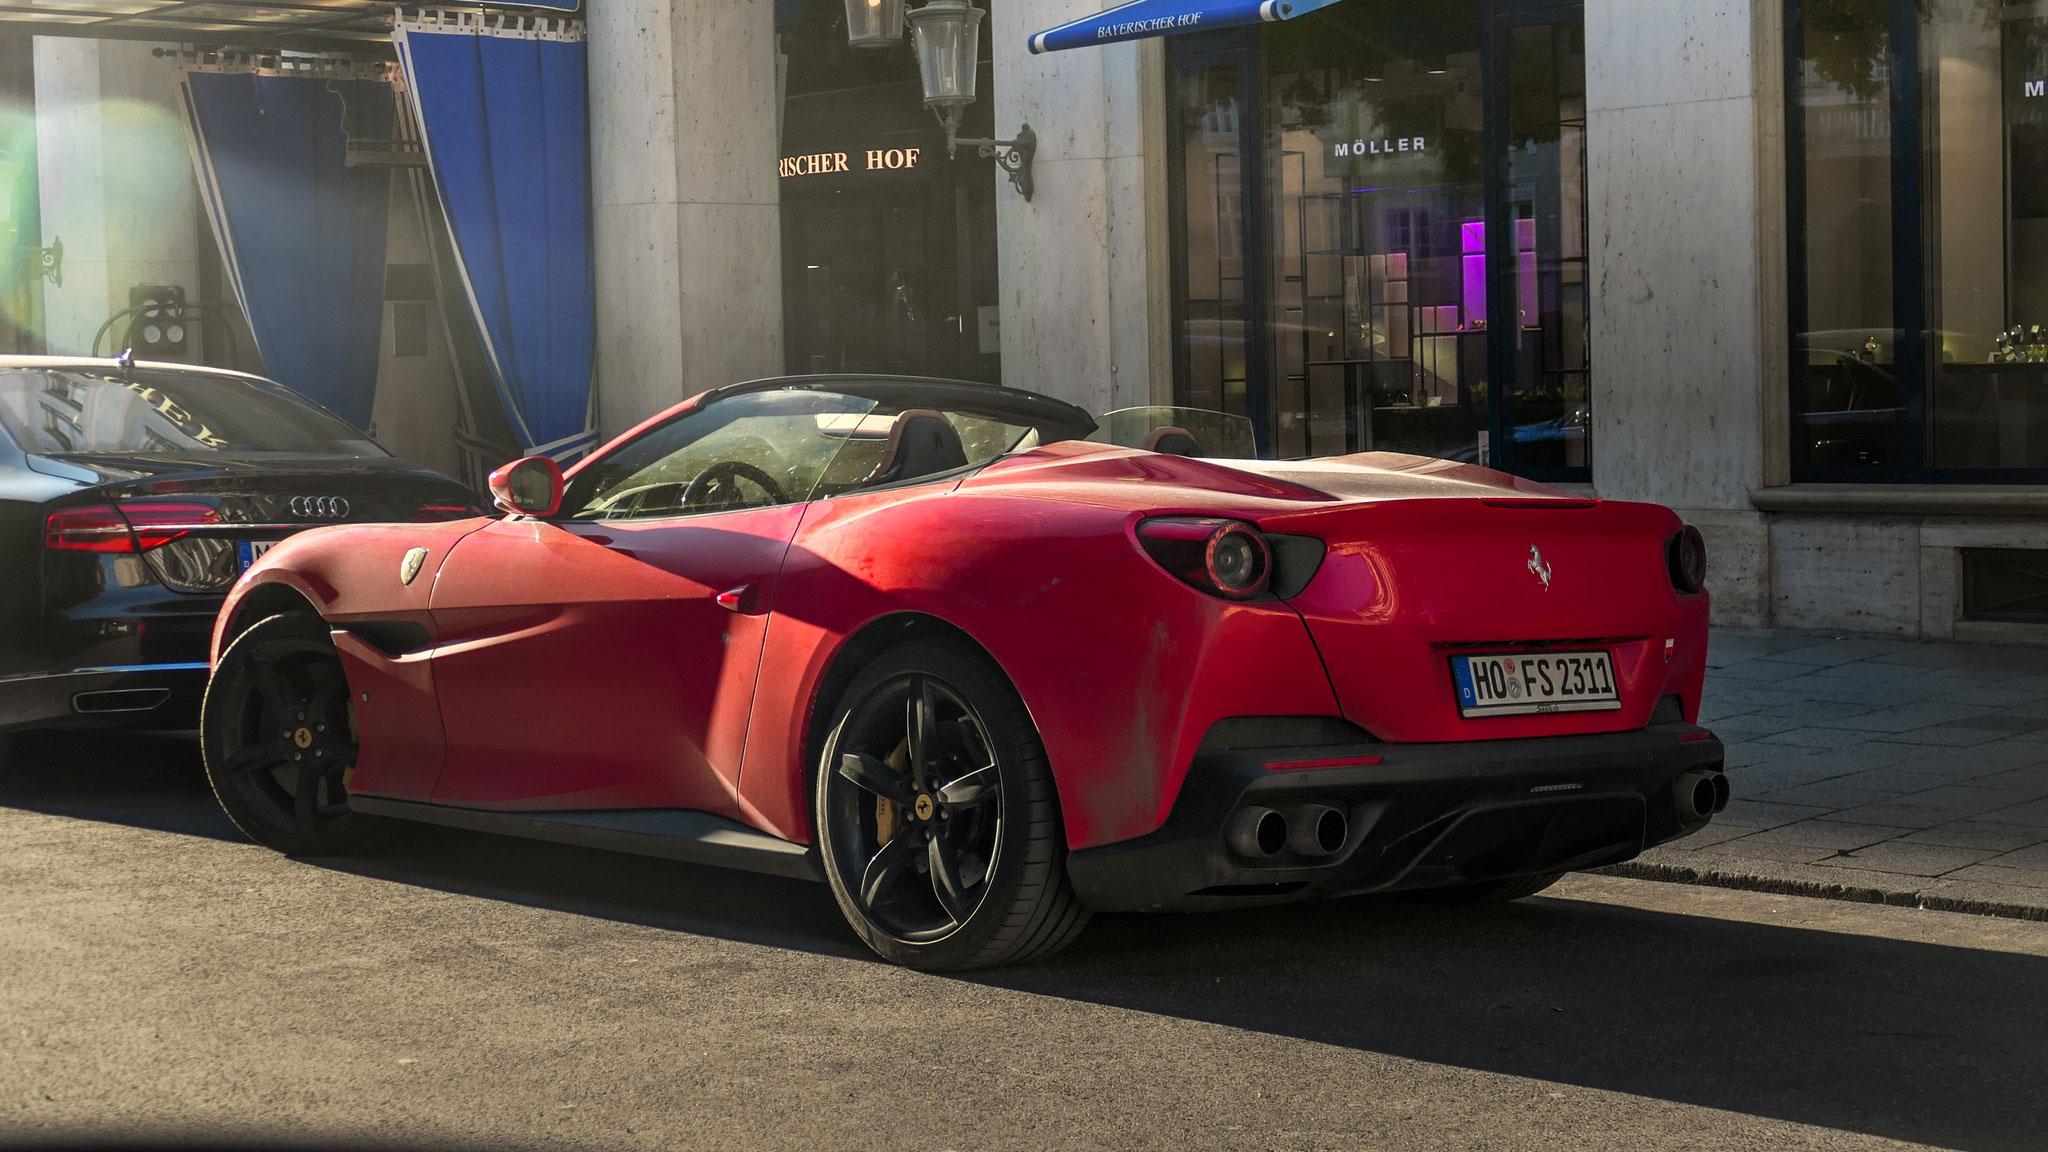 Ferrari Portofino - HO-FS-2311